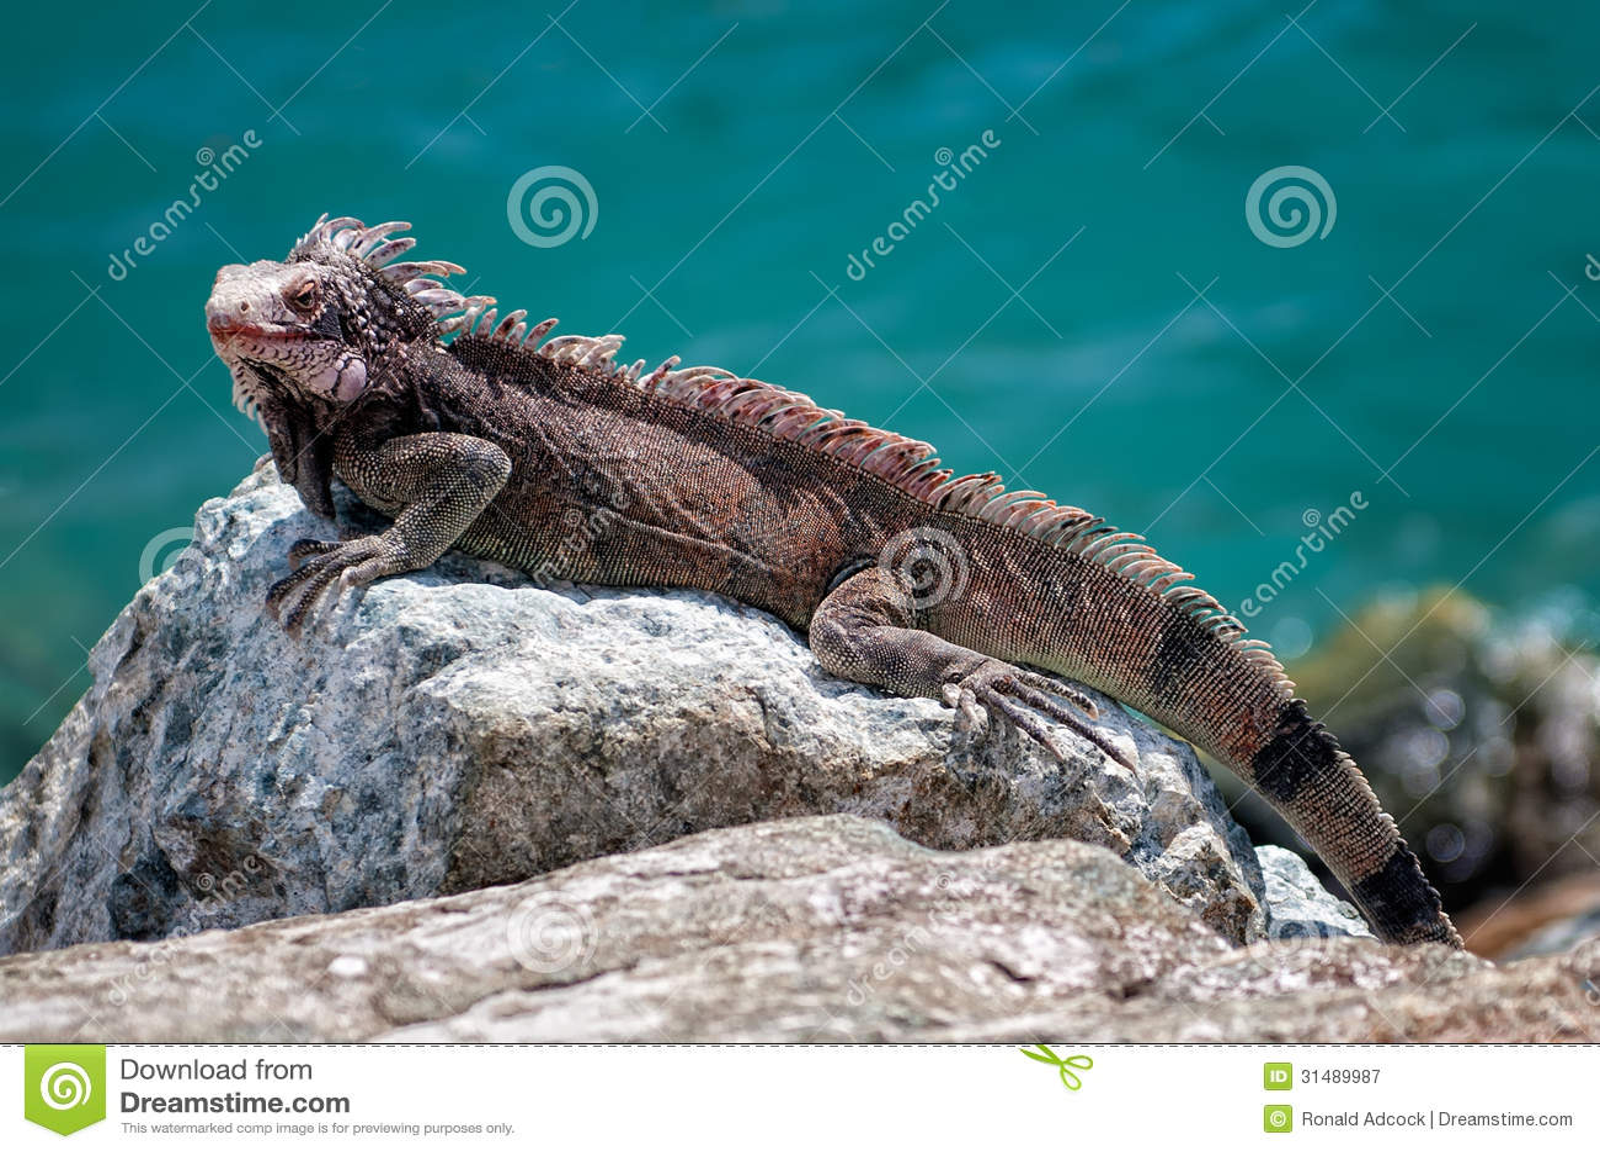 iguana rock large sitting 31489987